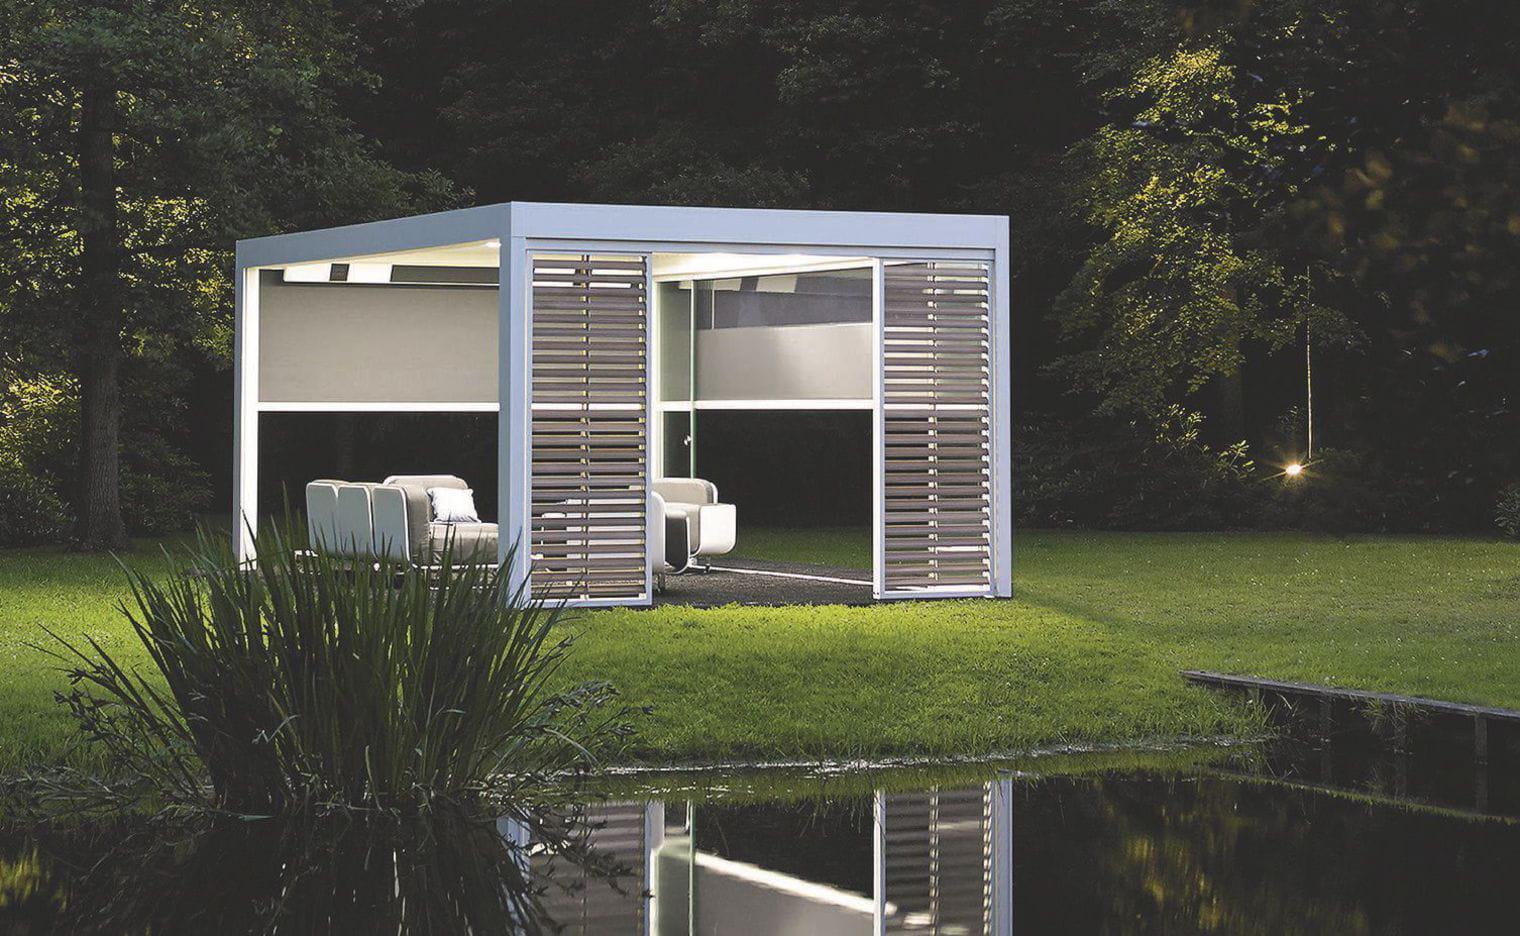 jardiland balancelle de jardin abri jardin jardiland. Black Bedroom Furniture Sets. Home Design Ideas